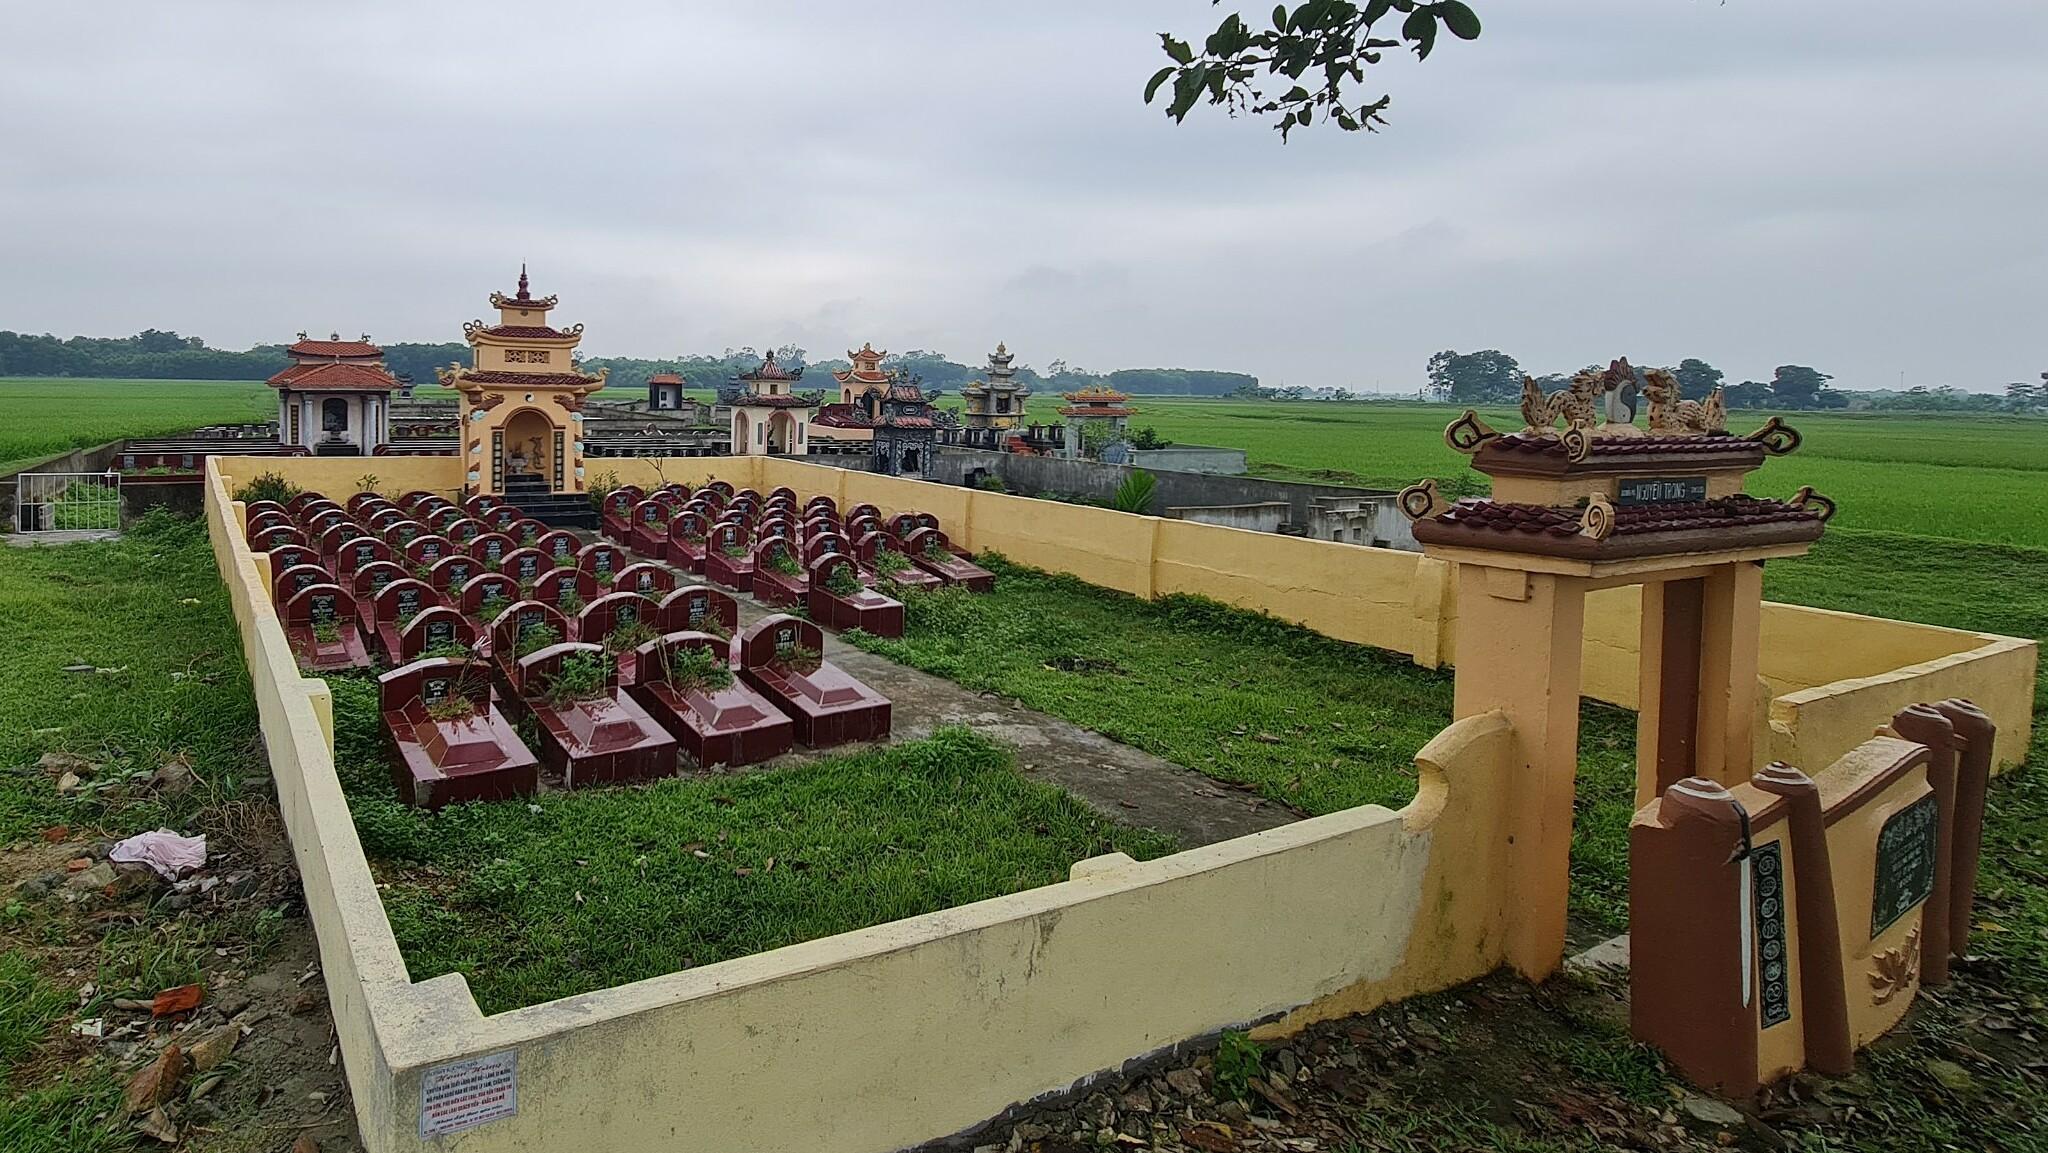 Khu vực nghĩa trang có ngôi mộ giả. Ảnh: Lê Hoàng.